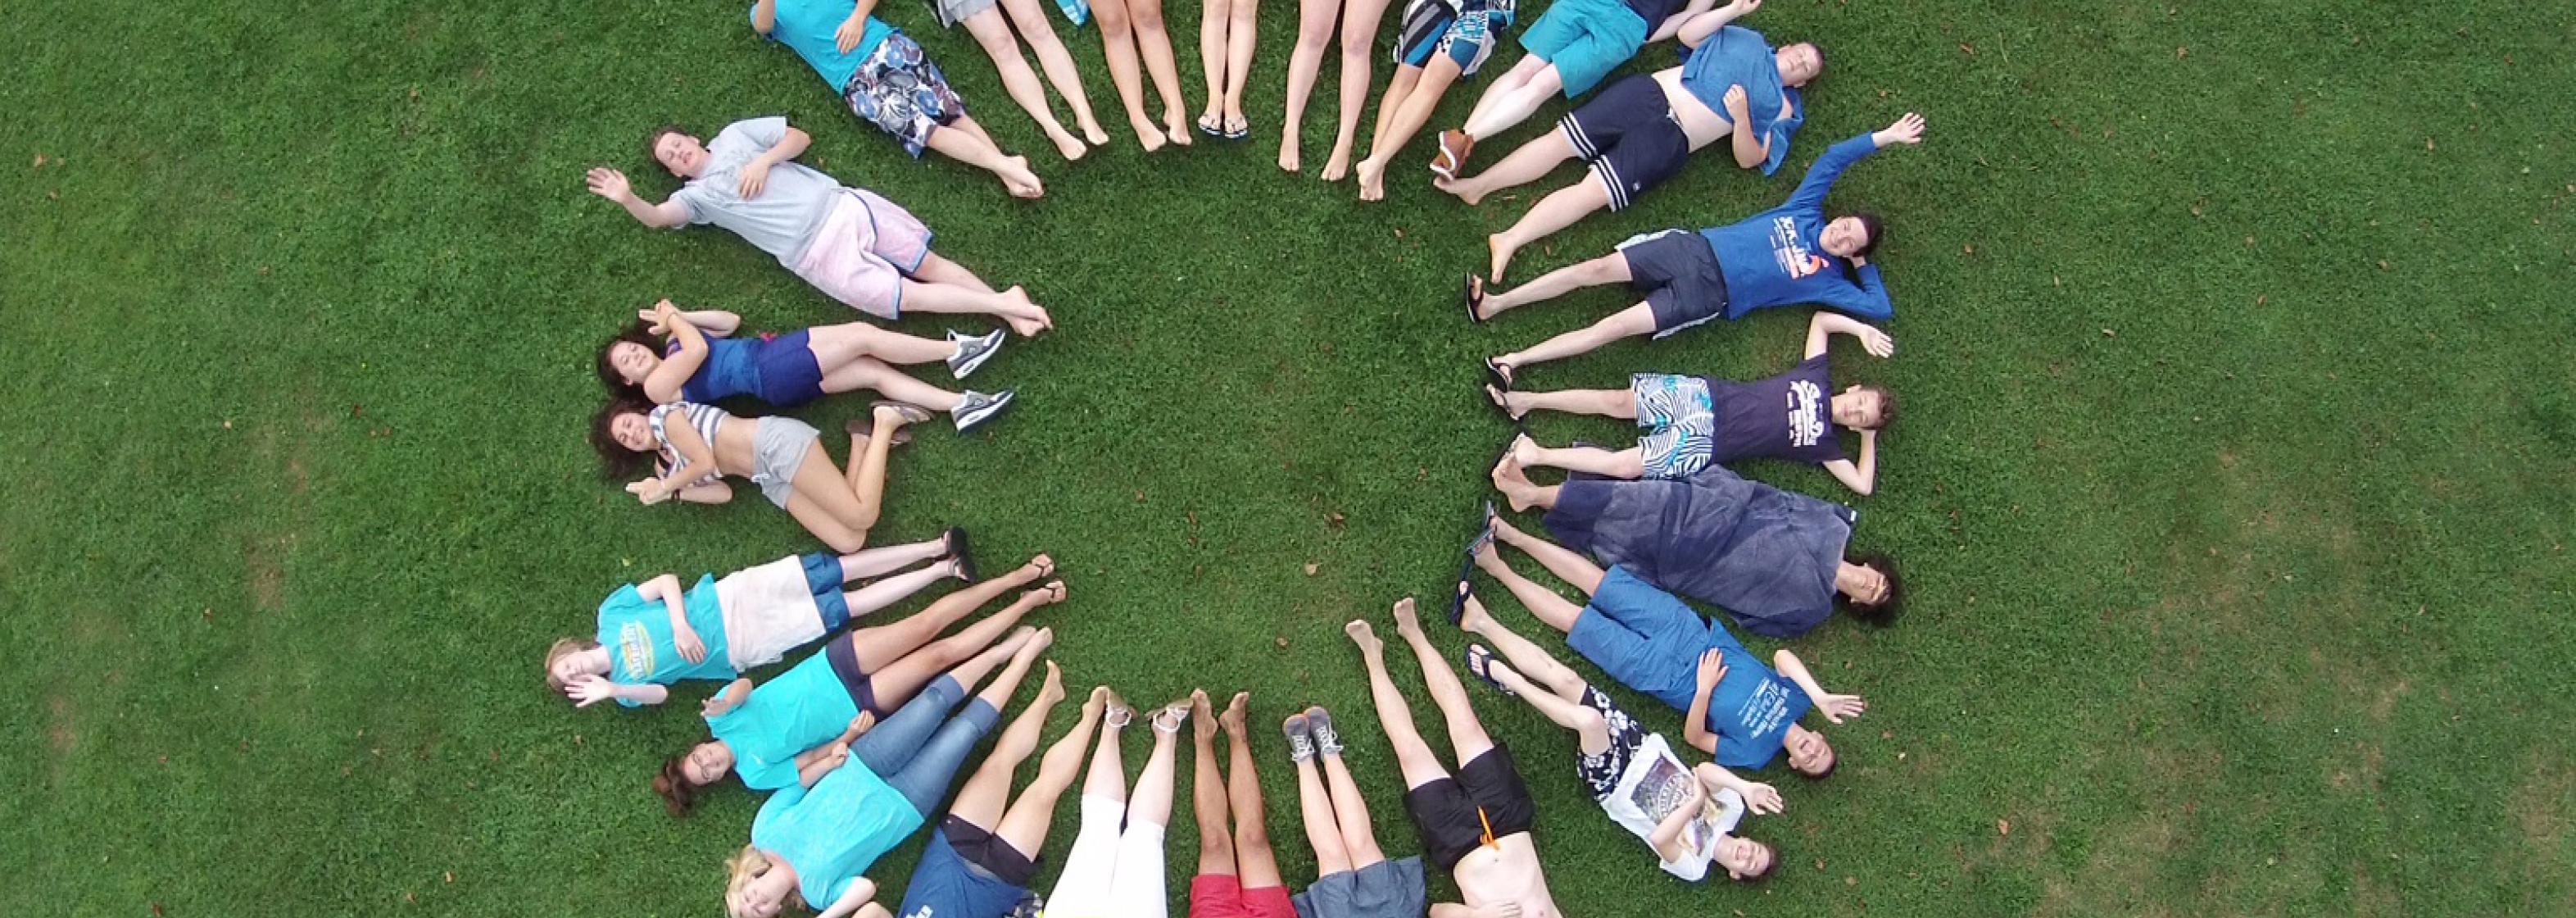 Bild Kinder bilden Kreis im Gras